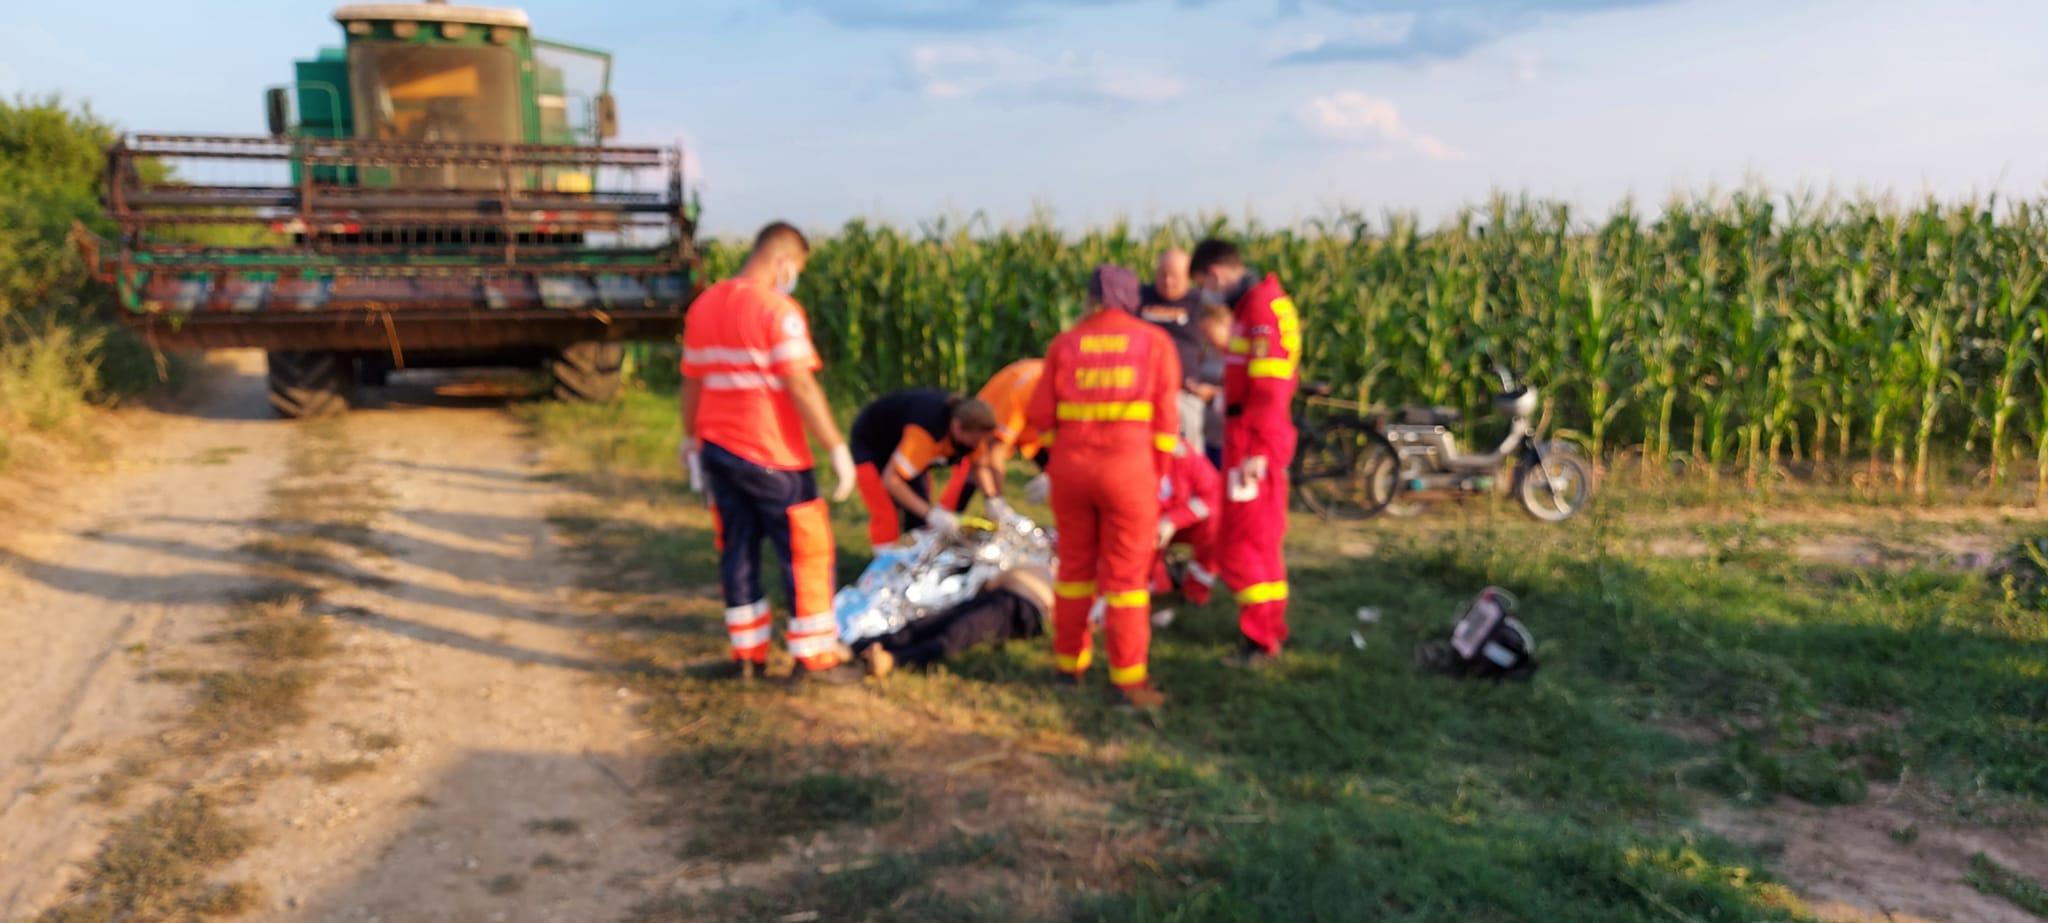 Tragedie la Corbii Mari, bărbat strivit de  tractorul cu care s-a răsturnat